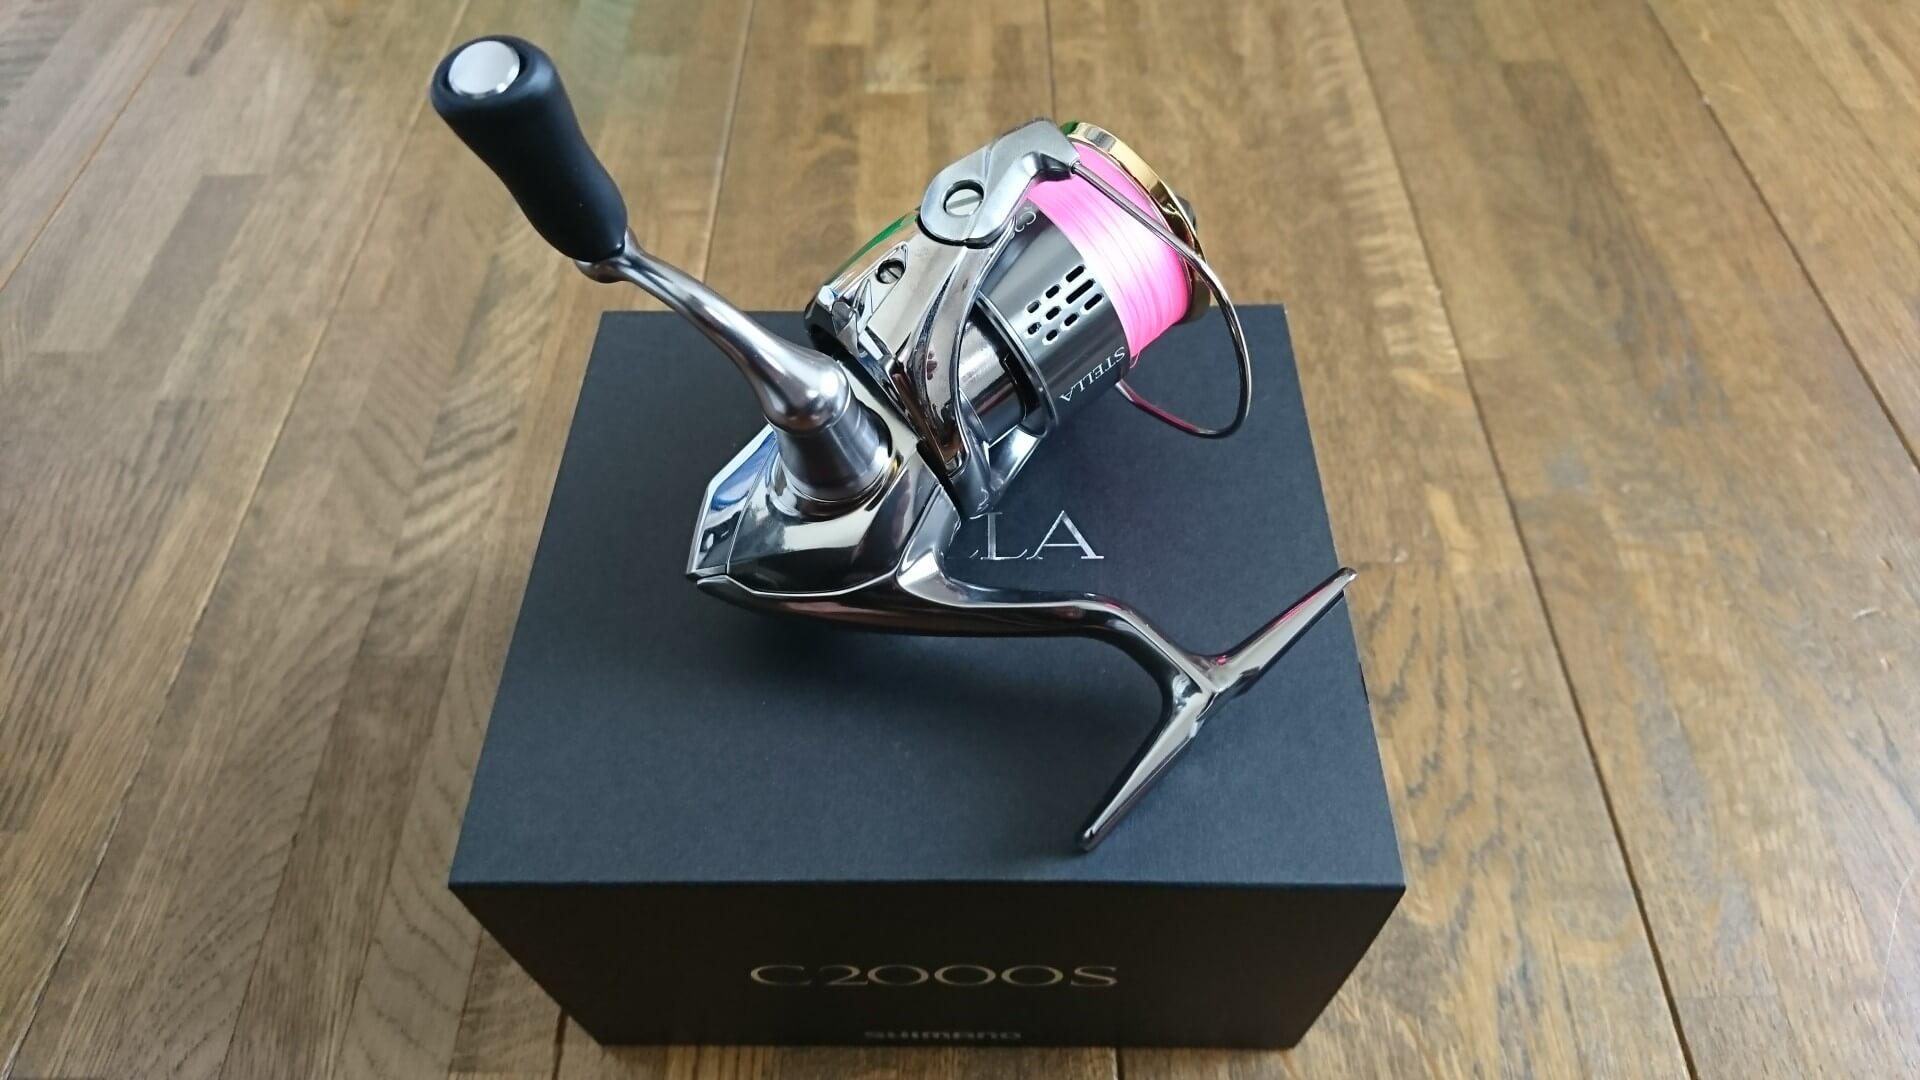 18ステラ C2000S購入インプレ!夢屋30mmアルミシングルハンドルでカスタム!